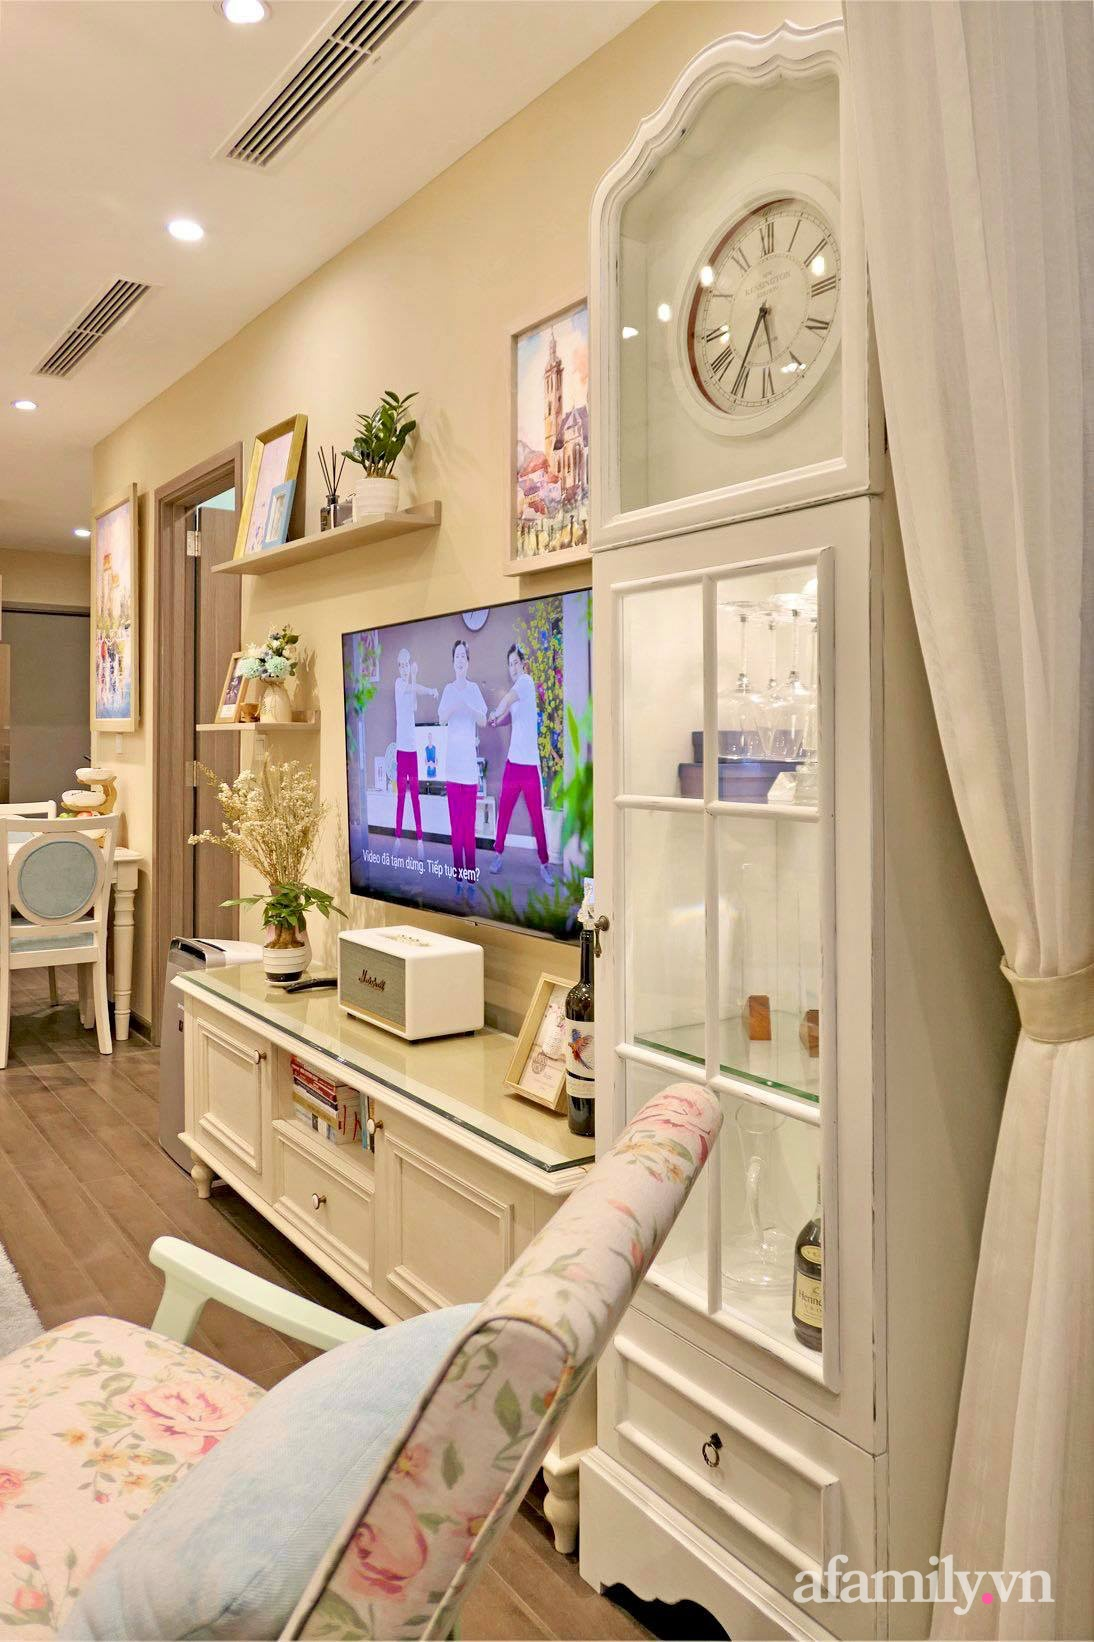 """Căn hộ siêu dễ thương decor theo phong cách Vintage được chủ nhà hoàn thiện """"vội"""" trong 10 ngày ở Hà Nội - Ảnh 8."""